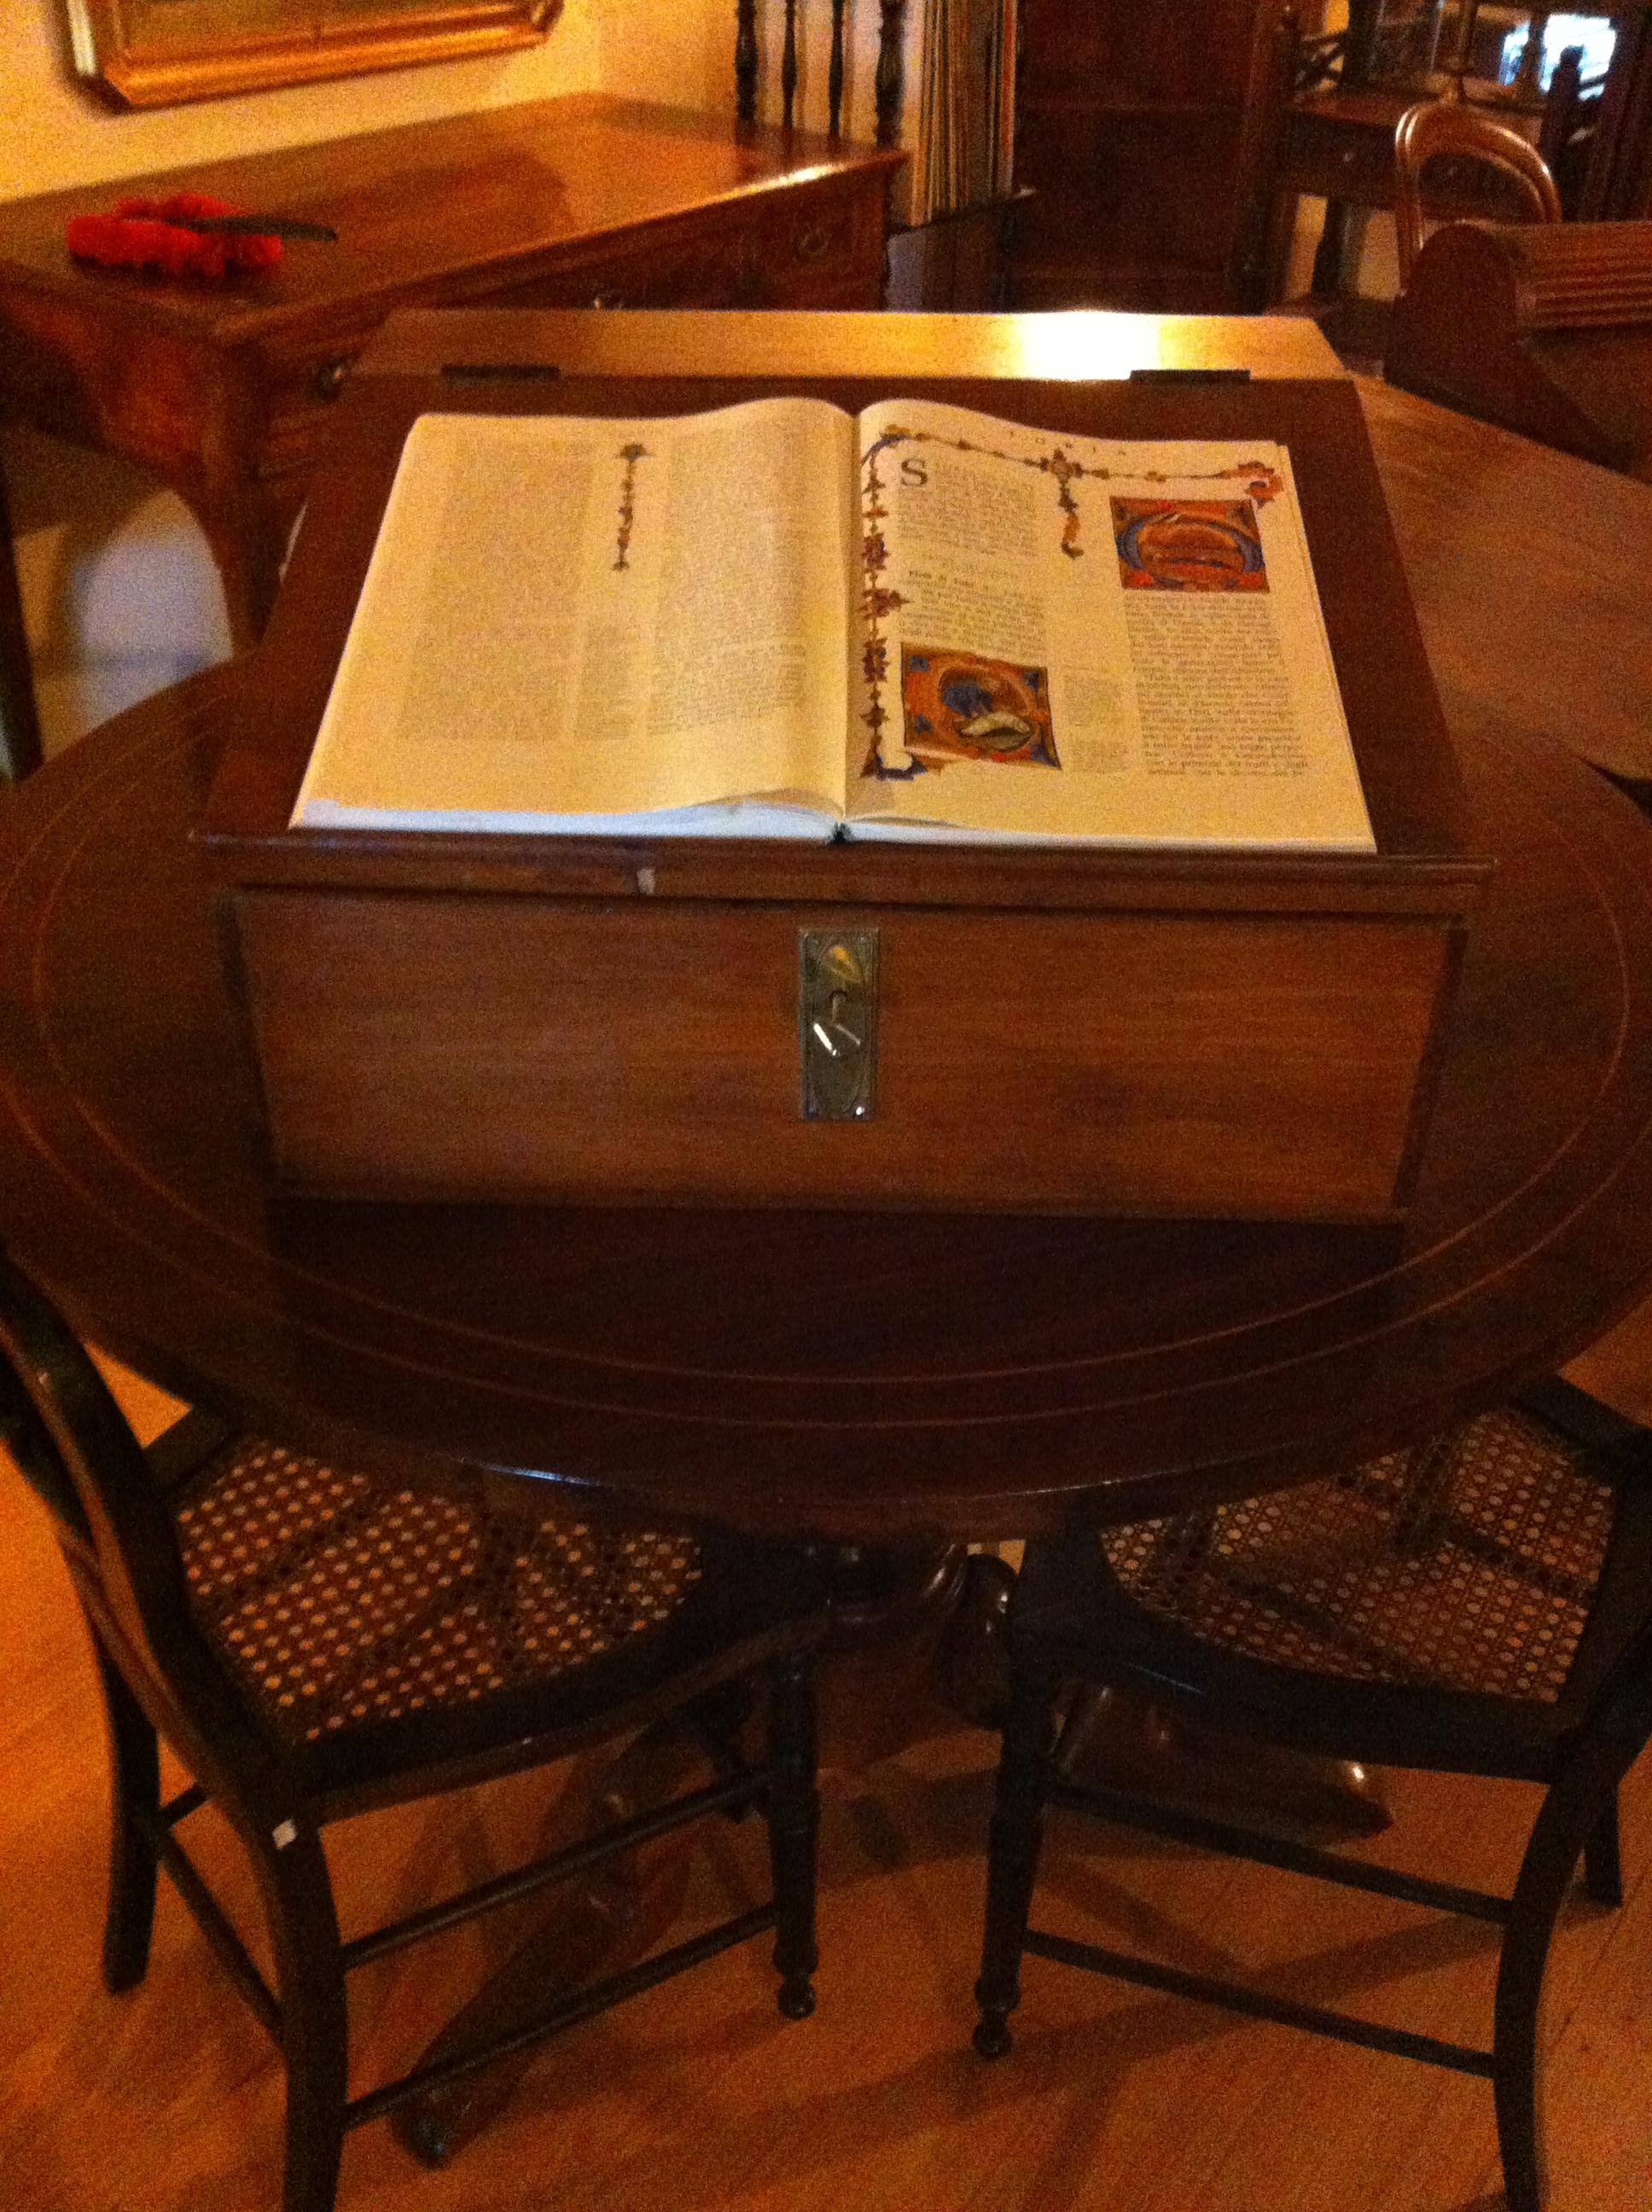 Leggio da tavolo vendita e restauro antichit cosmo - Leggio per libri da tavolo ...